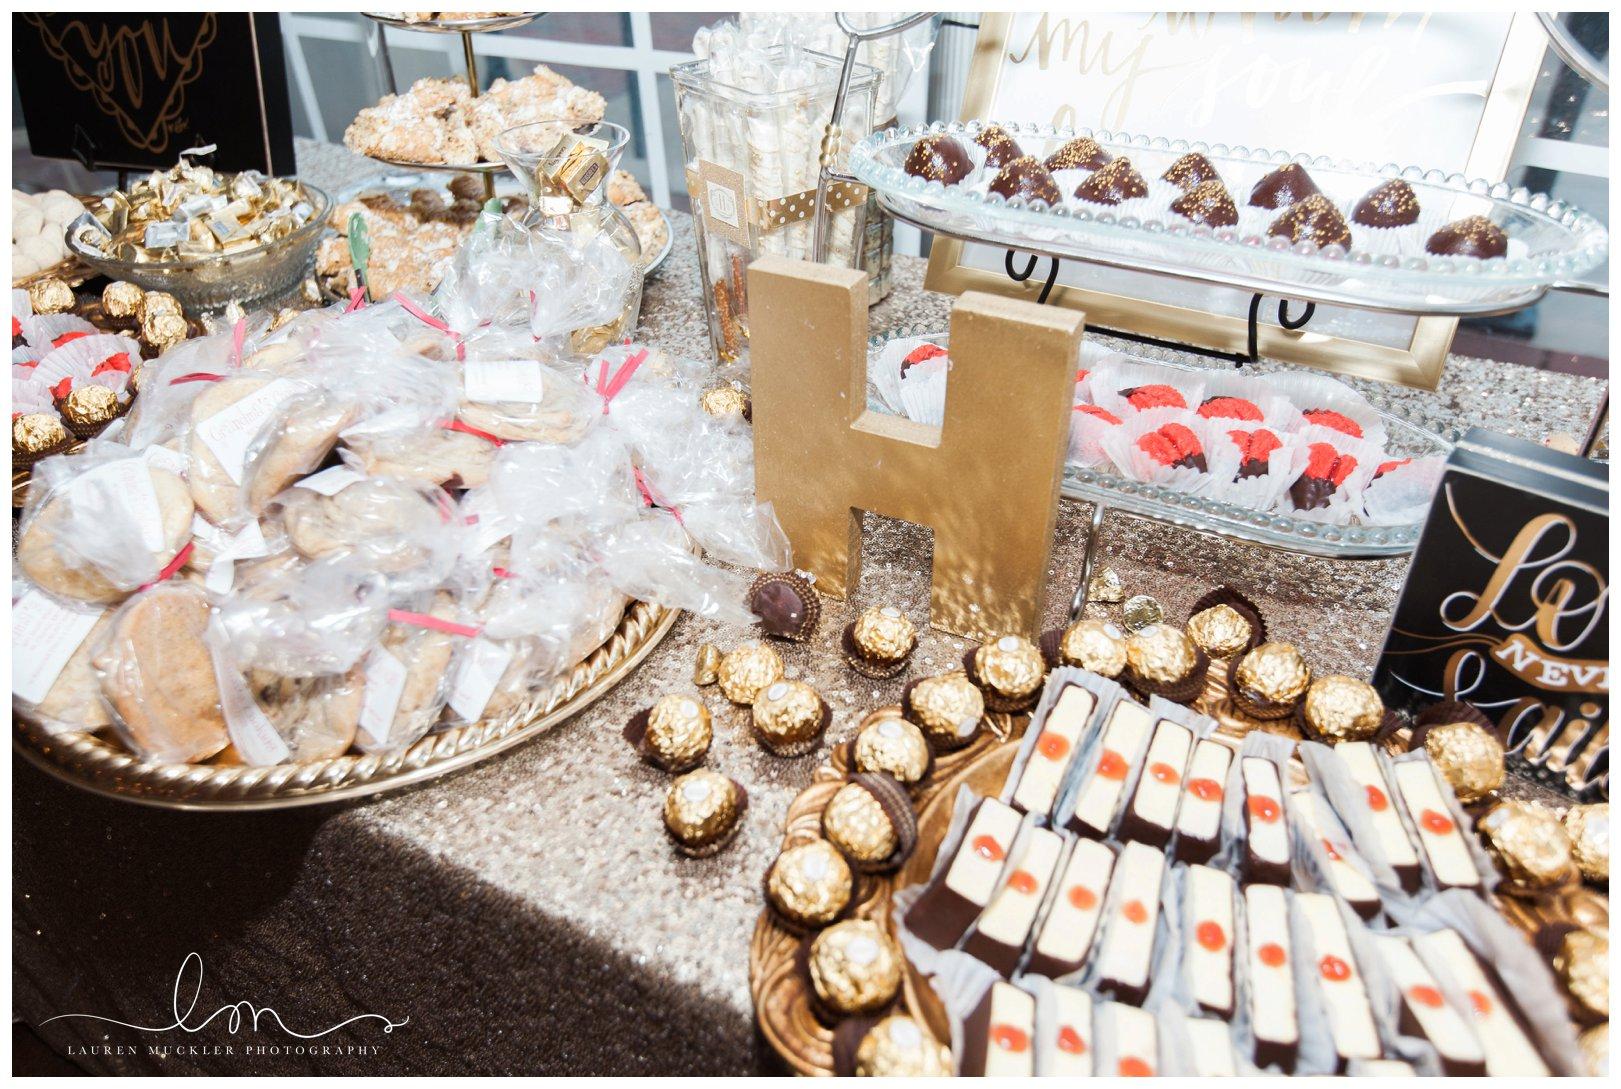 lauren muckler photography_fine art film wedding photography_st louis_photography_0481.jpg